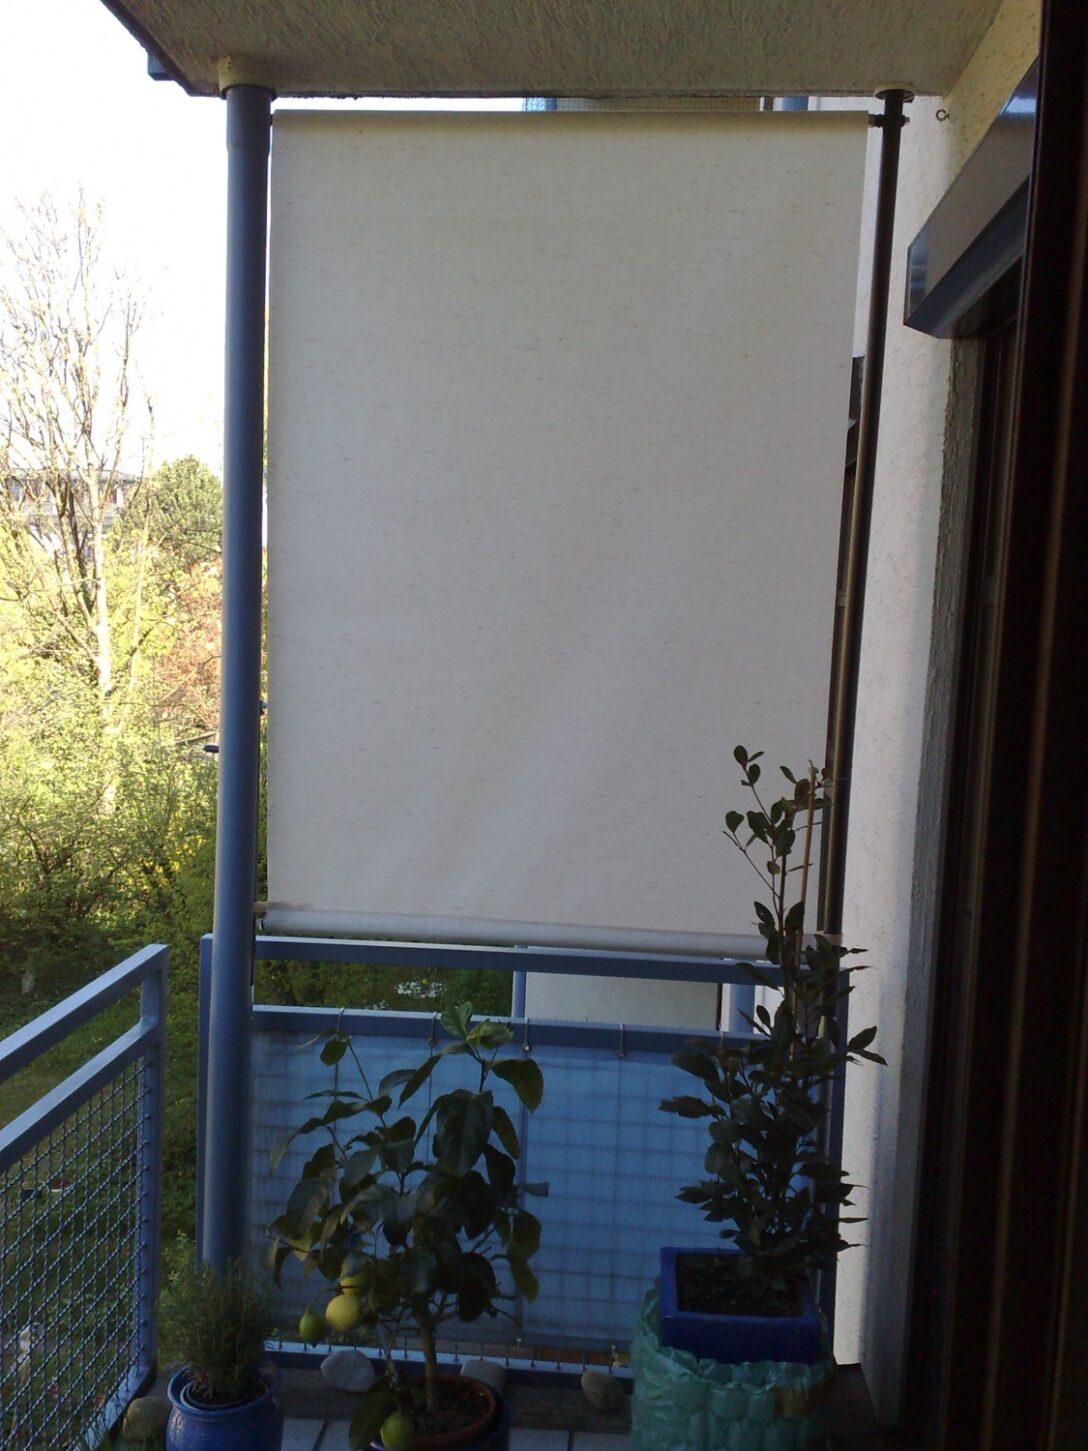 Large Size of Balkon Sichtschutz Design Style Beige Einfarbig Sichtschutzfolien Für Fenster Garten Sichtschutzfolie Einseitig Durchsichtig Paravent Wpc Im Holz Wohnzimmer Sichtschutz Balkon Paravent